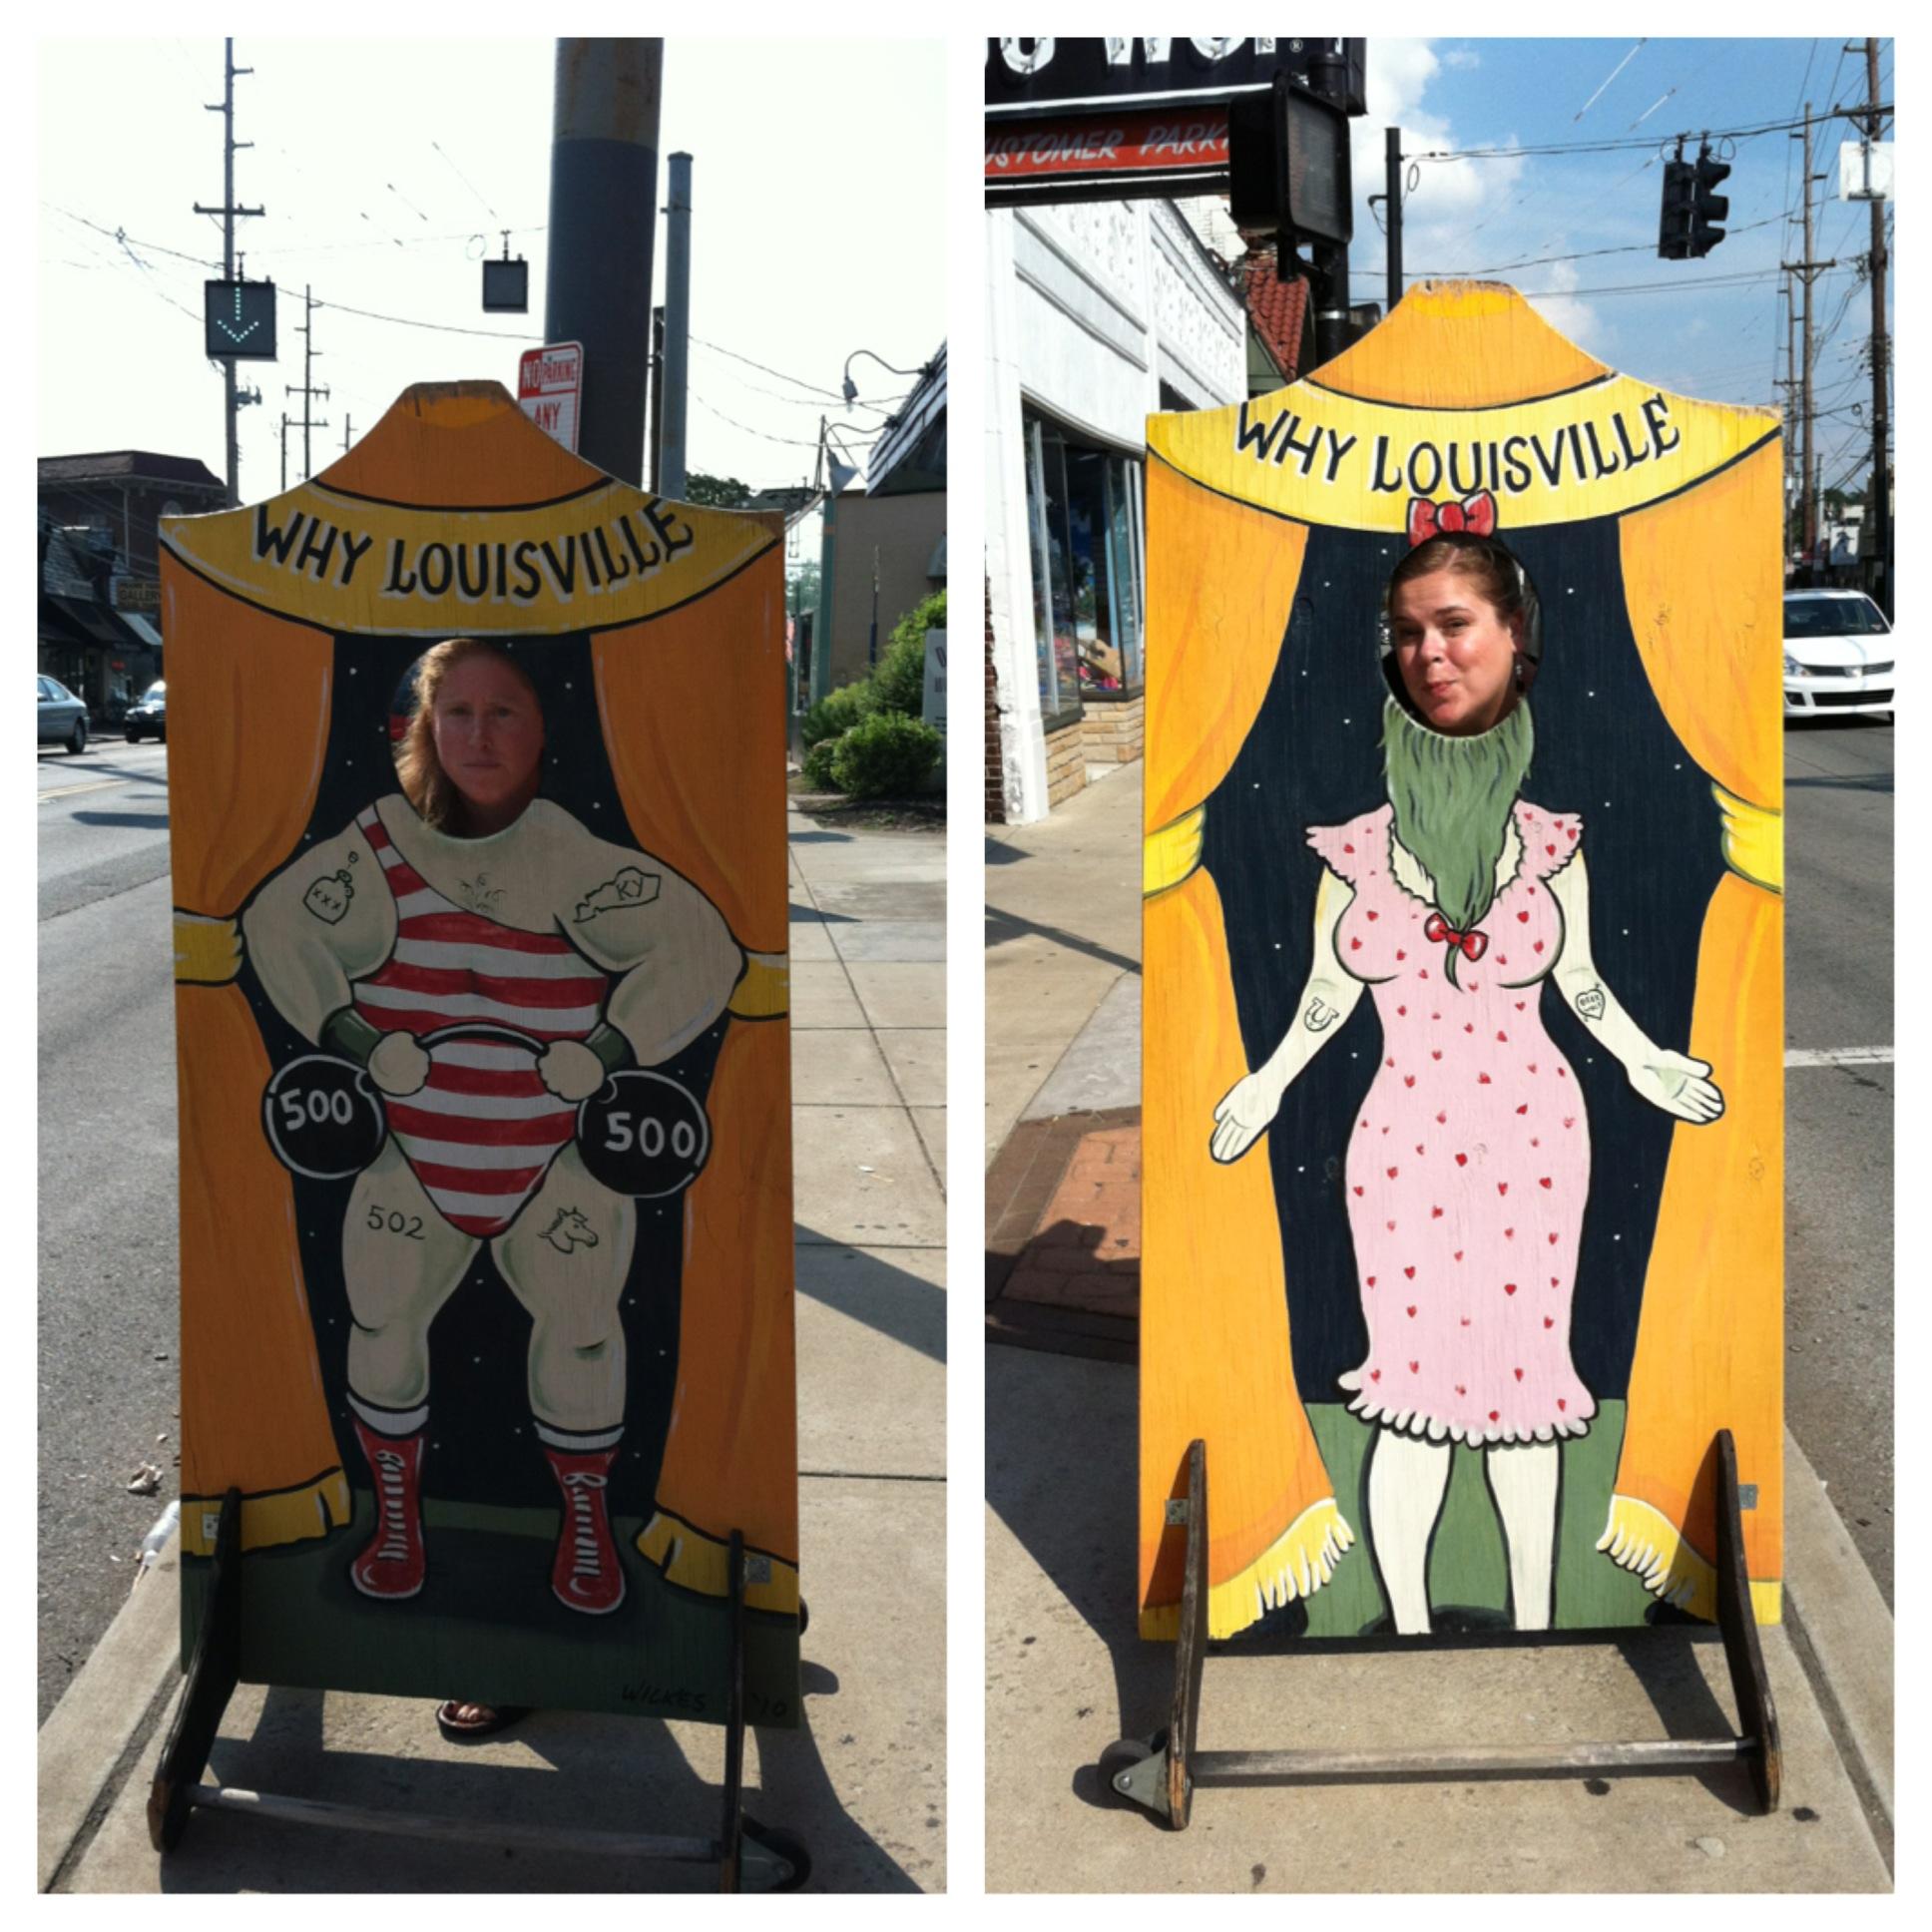 We're keeping Louisville weird.